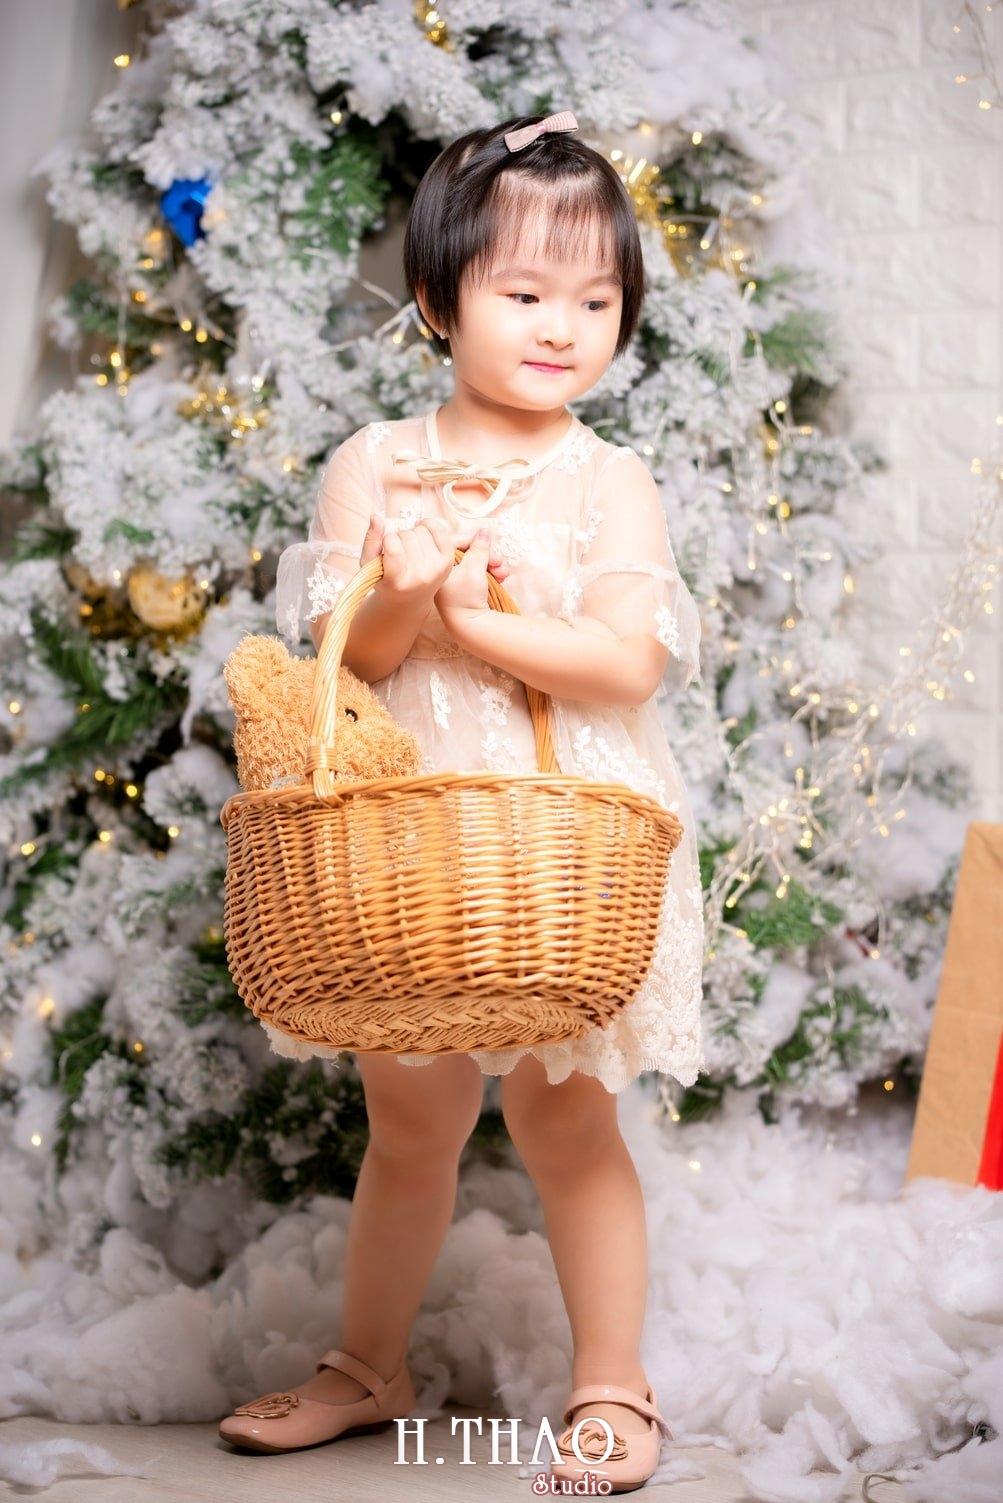 Anh be noel 15 - Album ảnh noel chụp cho con gái cưng chị Linh - HThao Studio